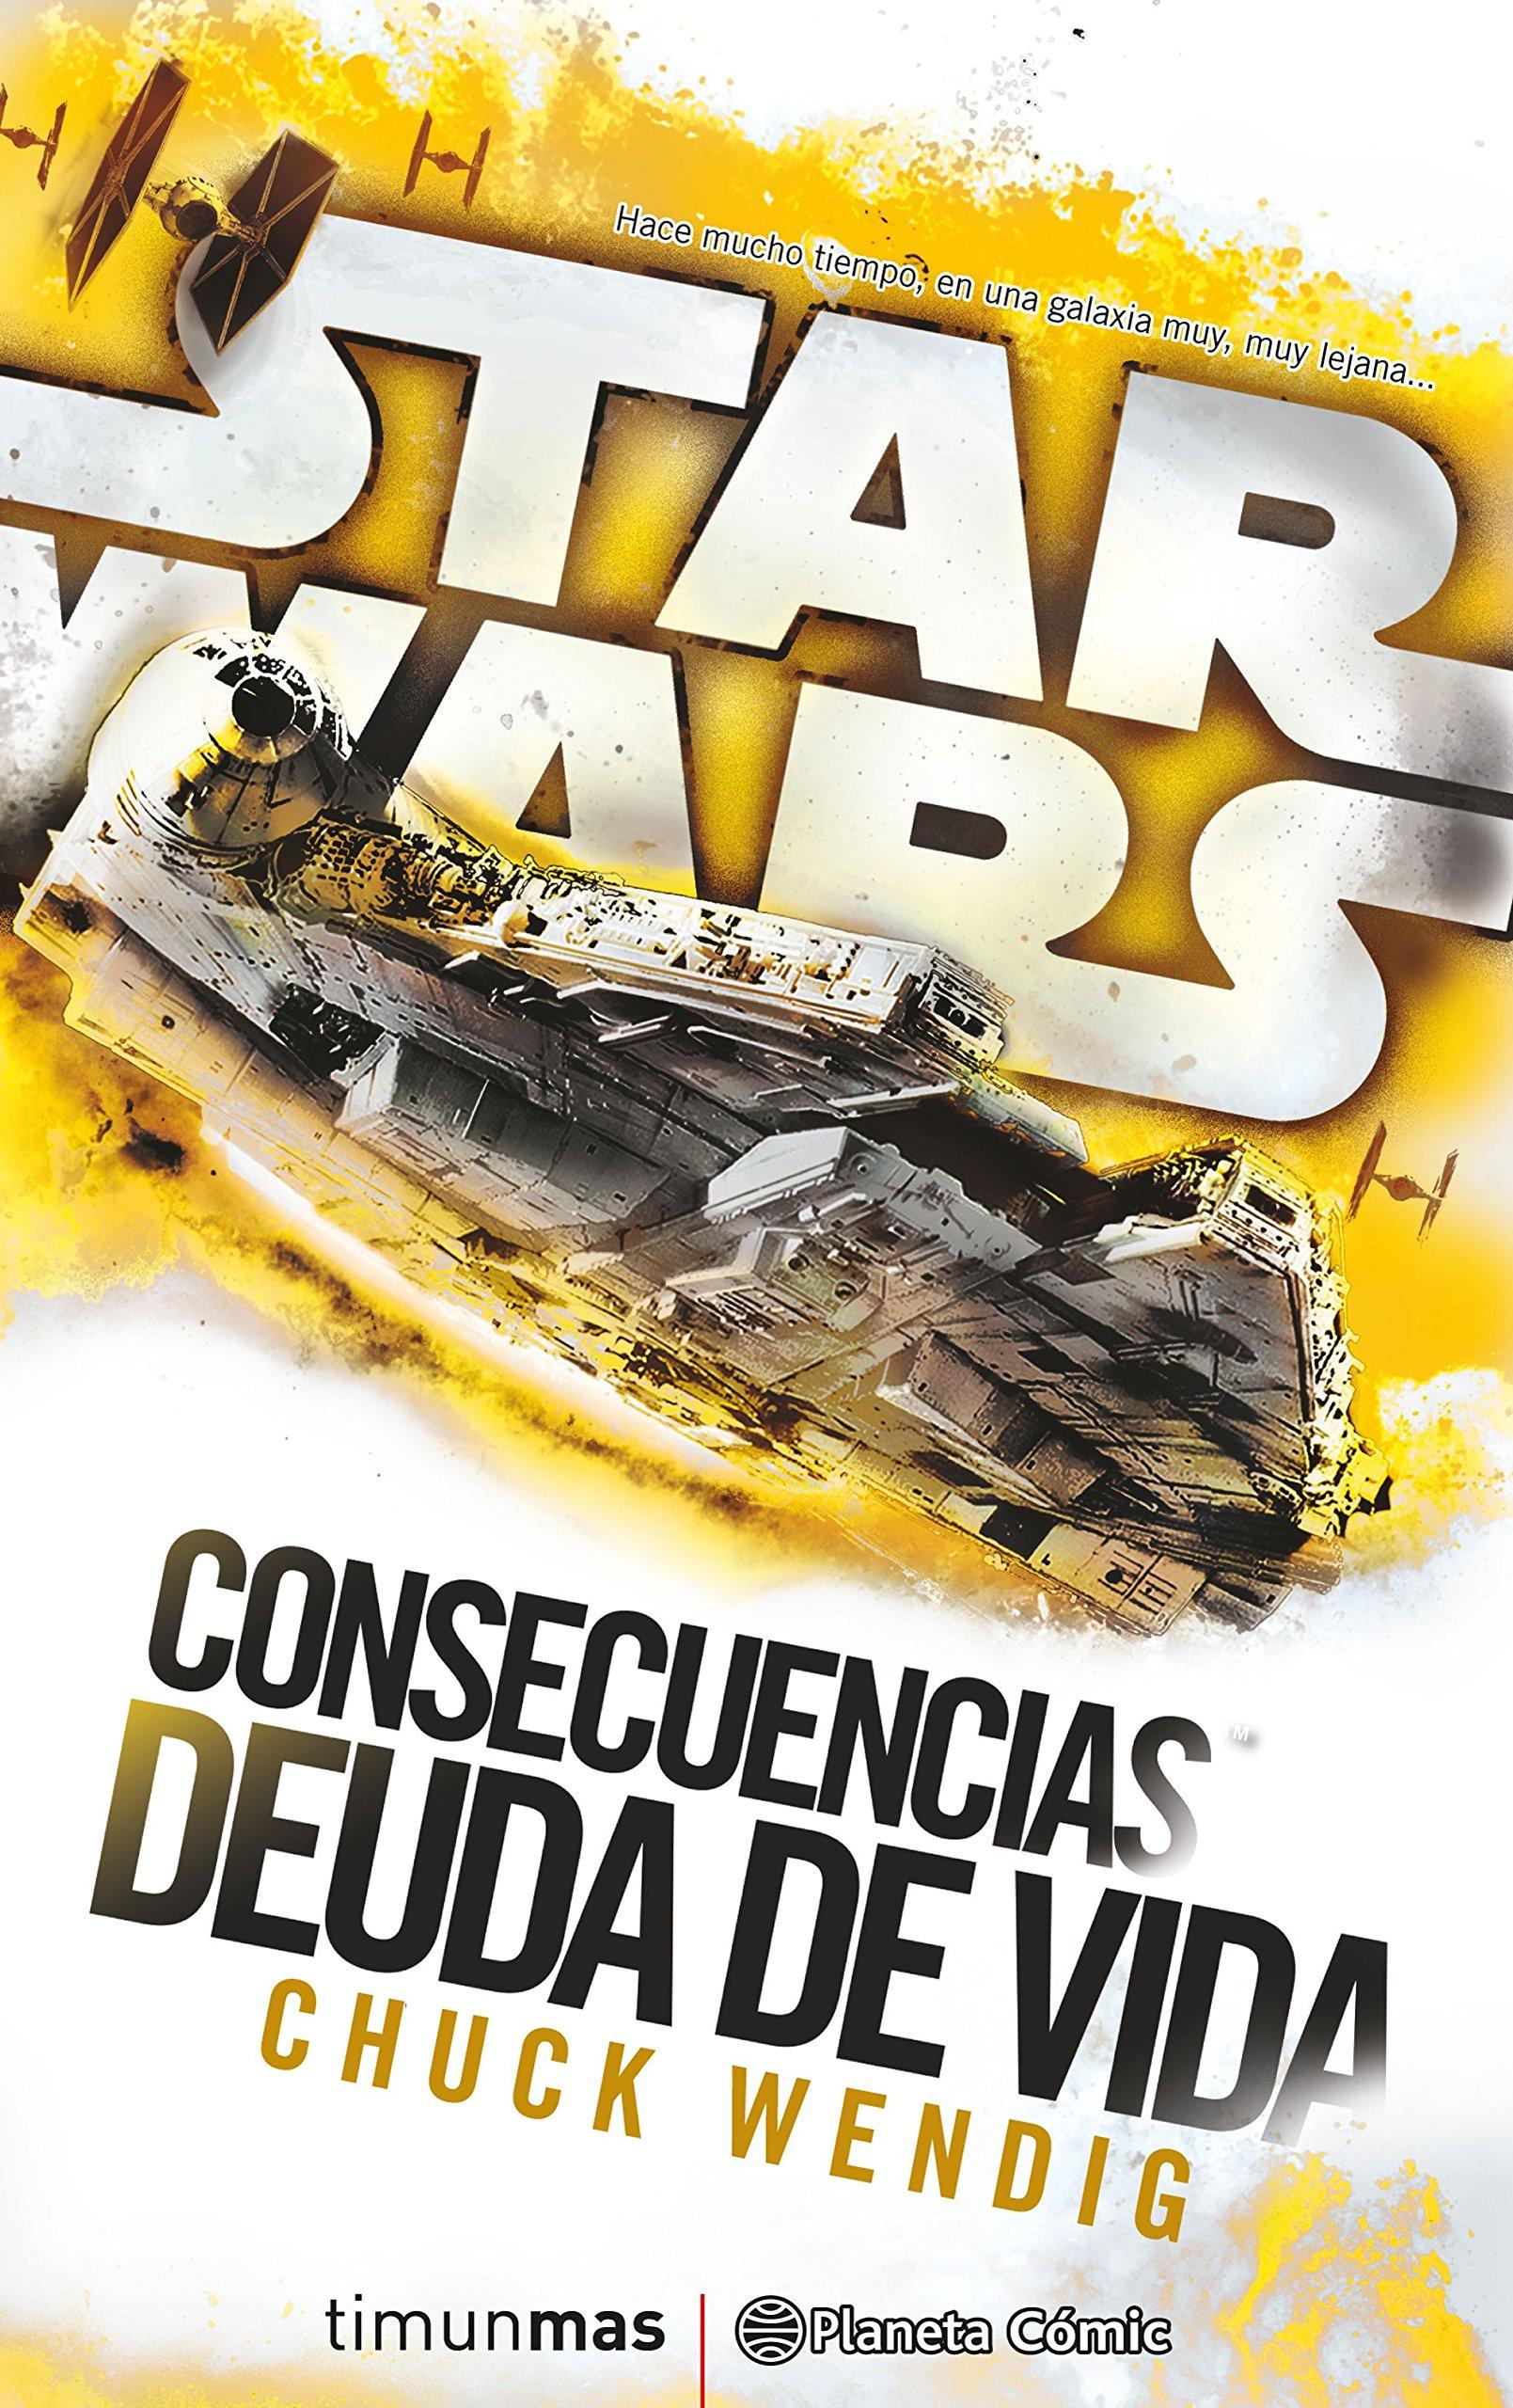 ConsecuenciasDDV.jpg